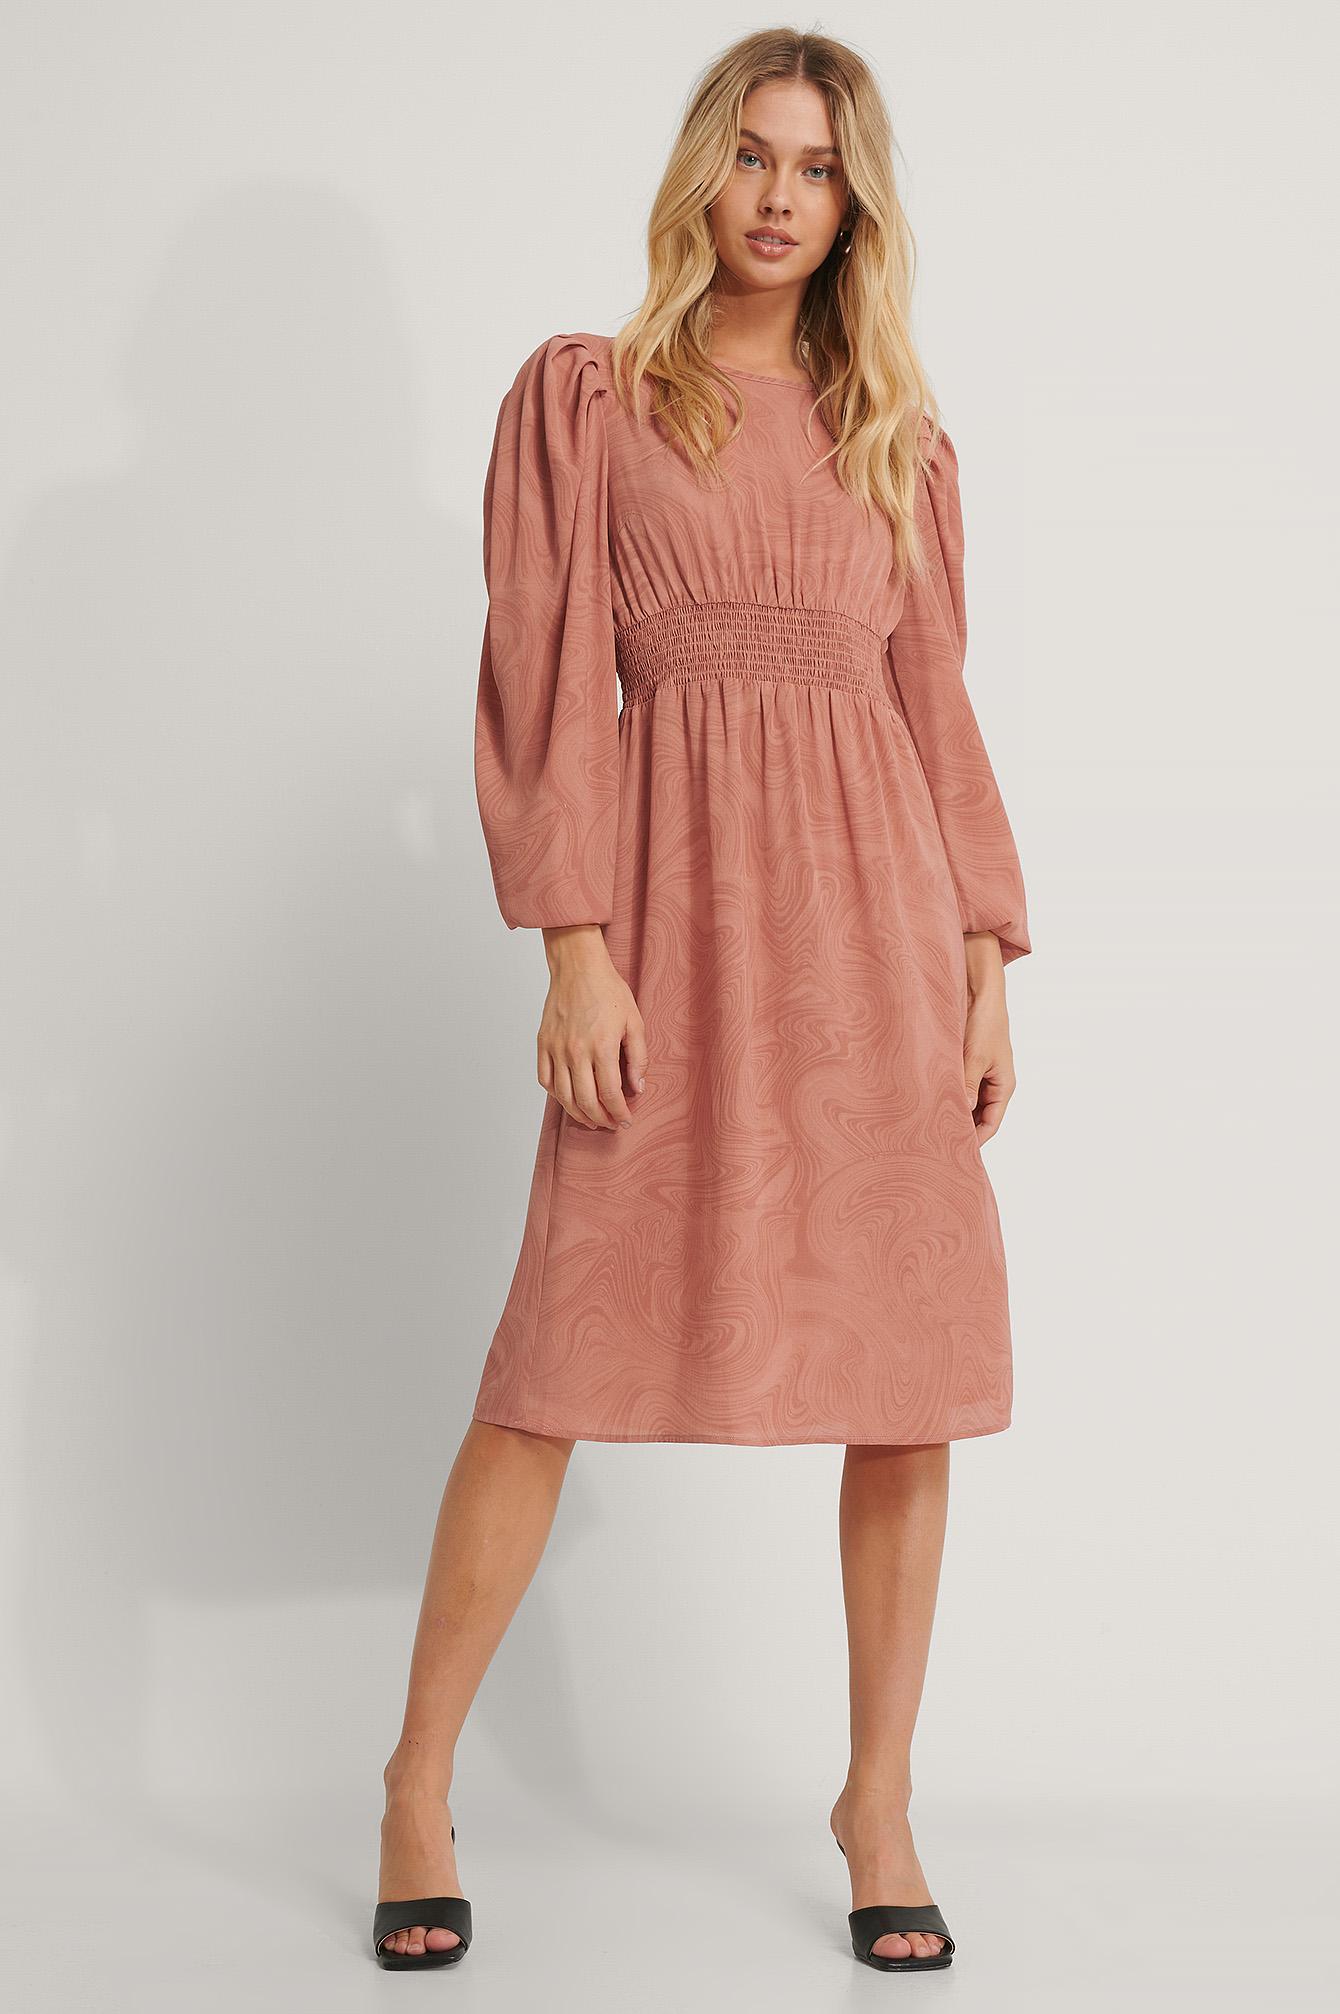 NA KD Crochet Strap Back Dress